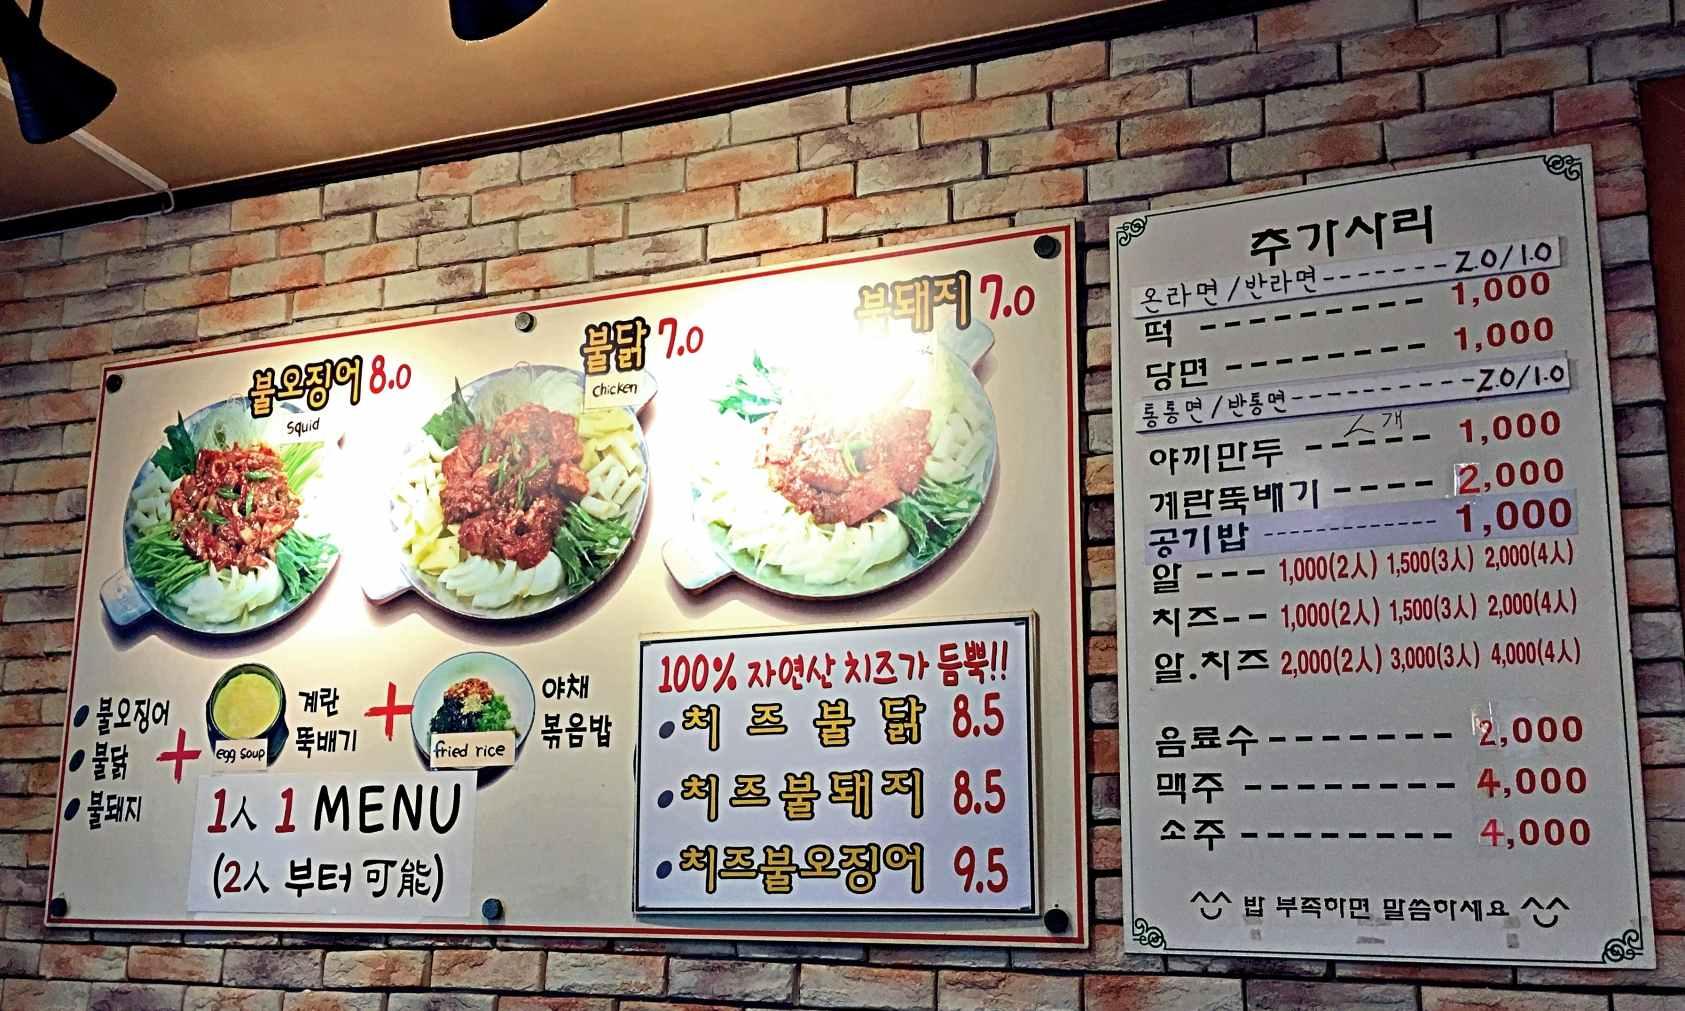 餐點主要有:小章魚、雞肉、豬肉(也可以選兩種肉類),一份套餐除了辣炒鍋之外還有韓式蒸雞蛋及炒飯(鍋吃完之後才會炒)。